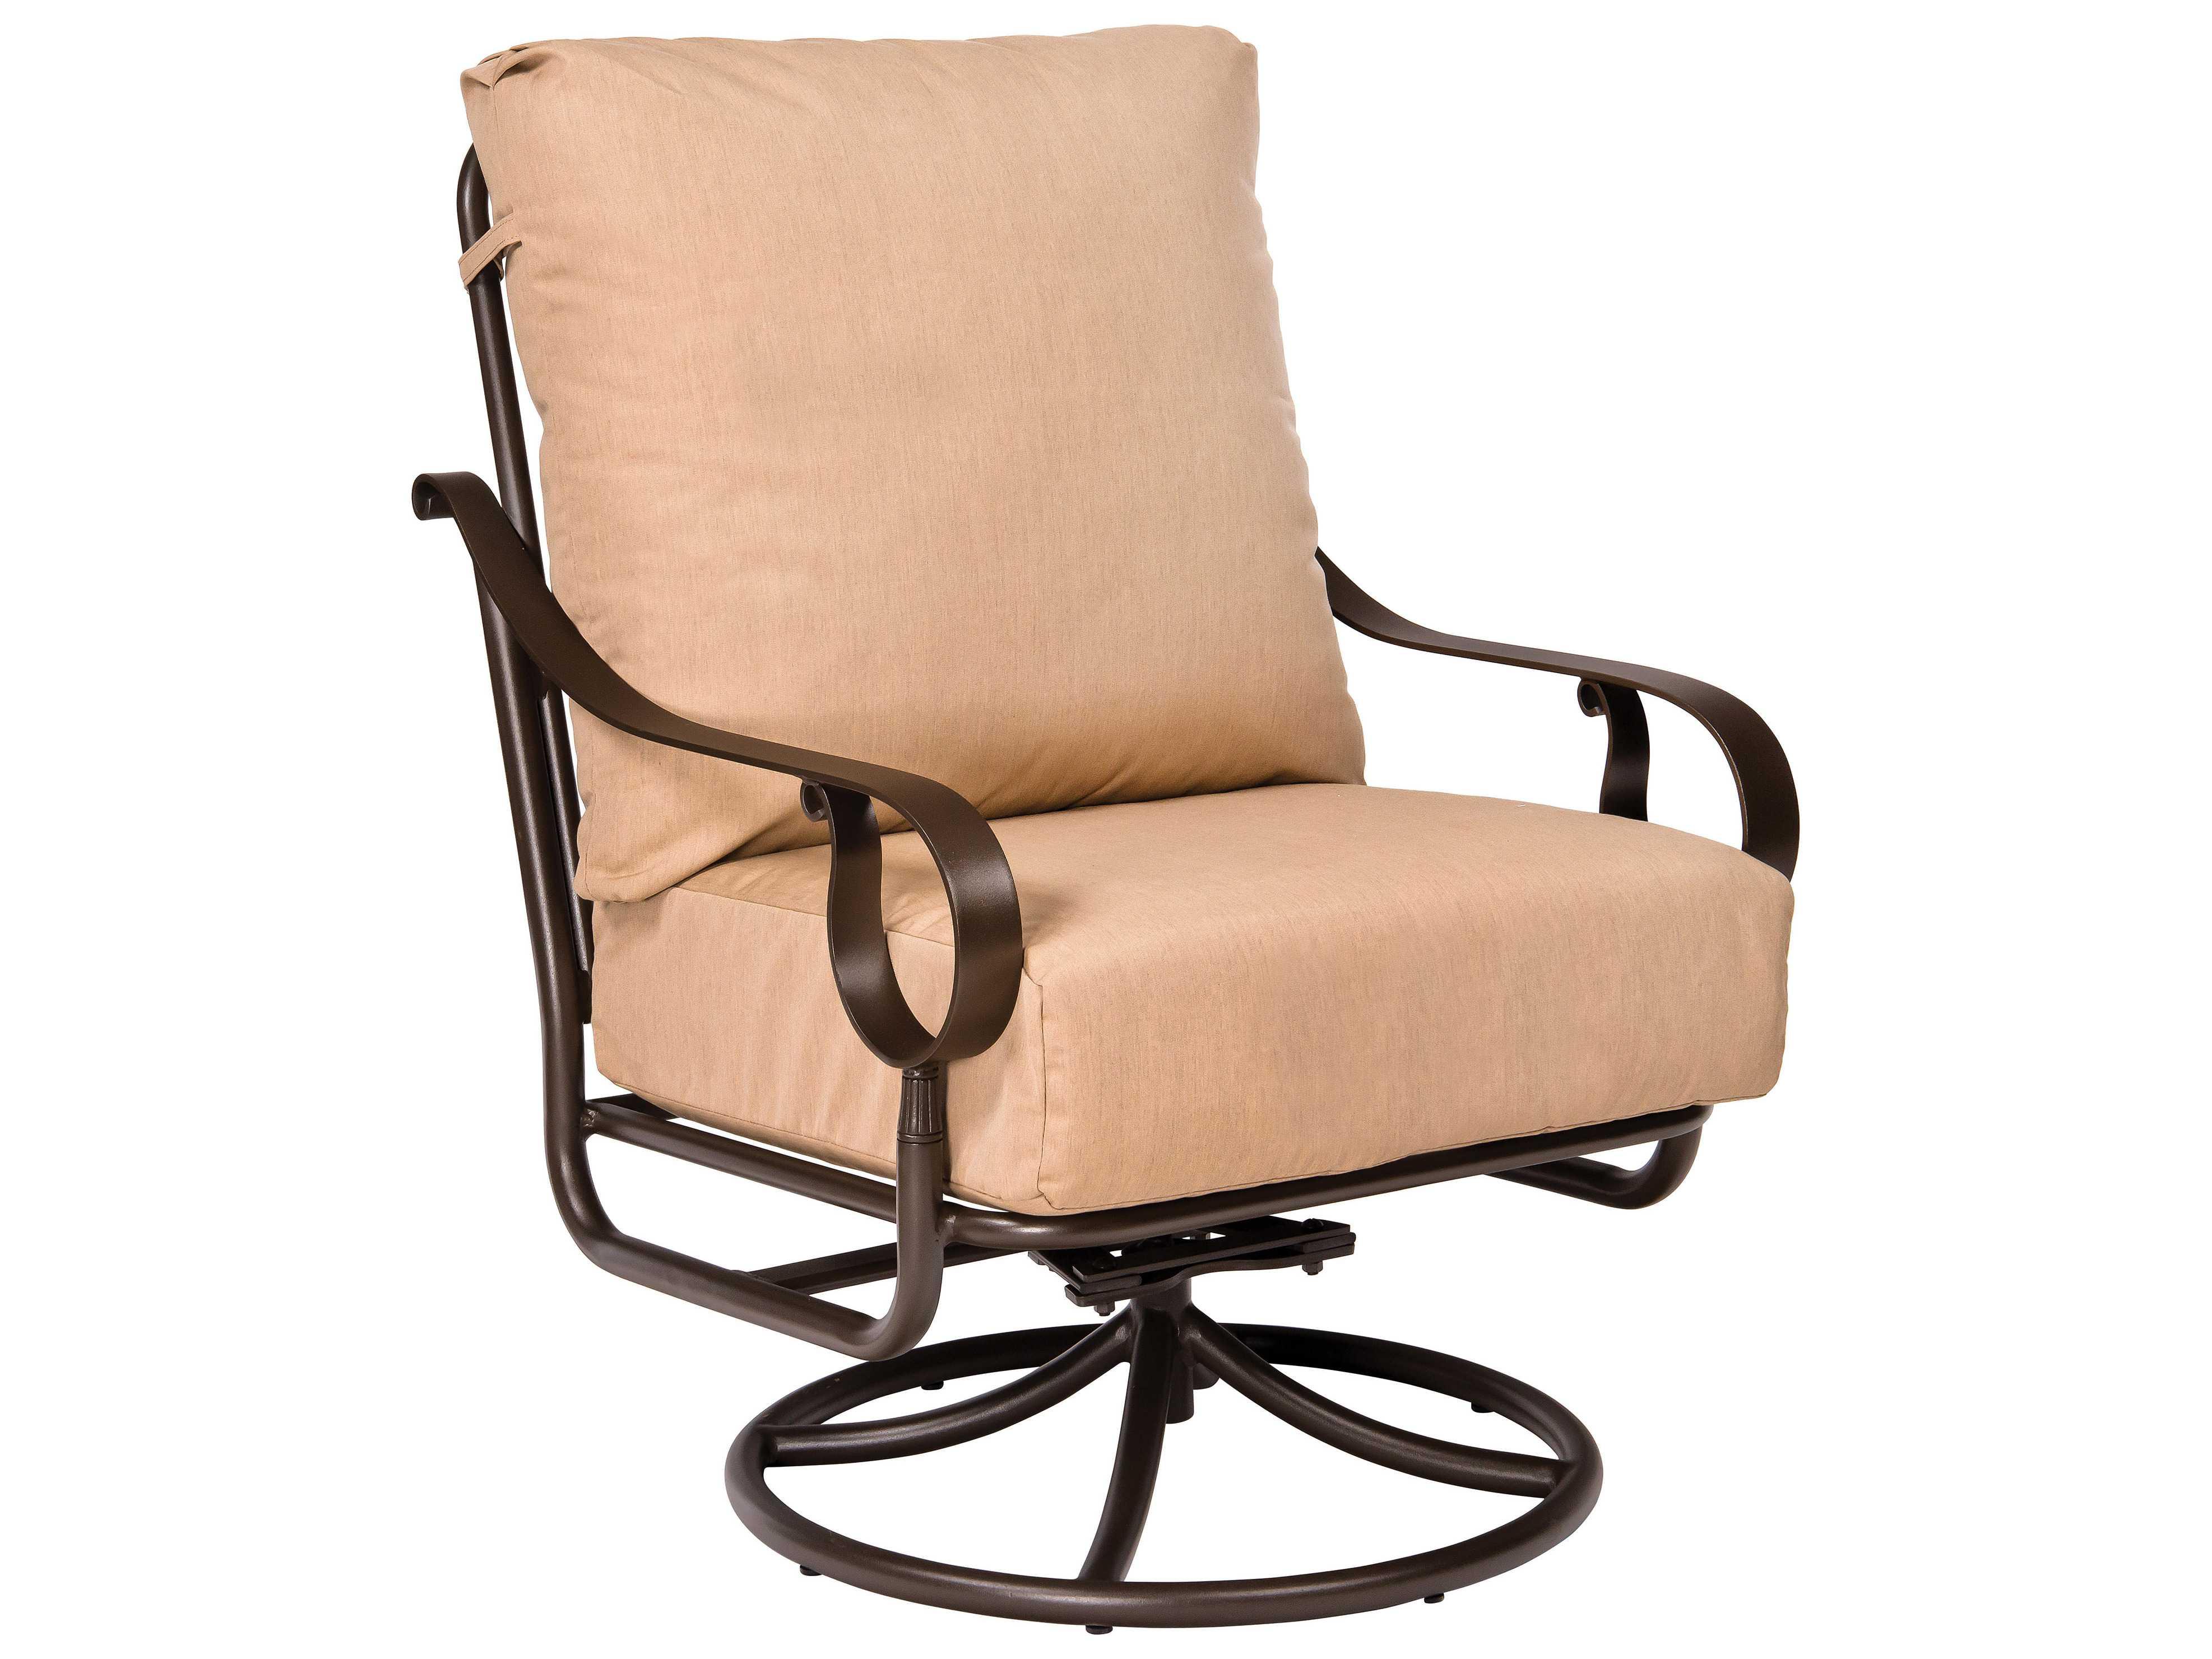 oversized aluminum rocking chair used dining chairs woodard ridgecrest cushion extra large swivel